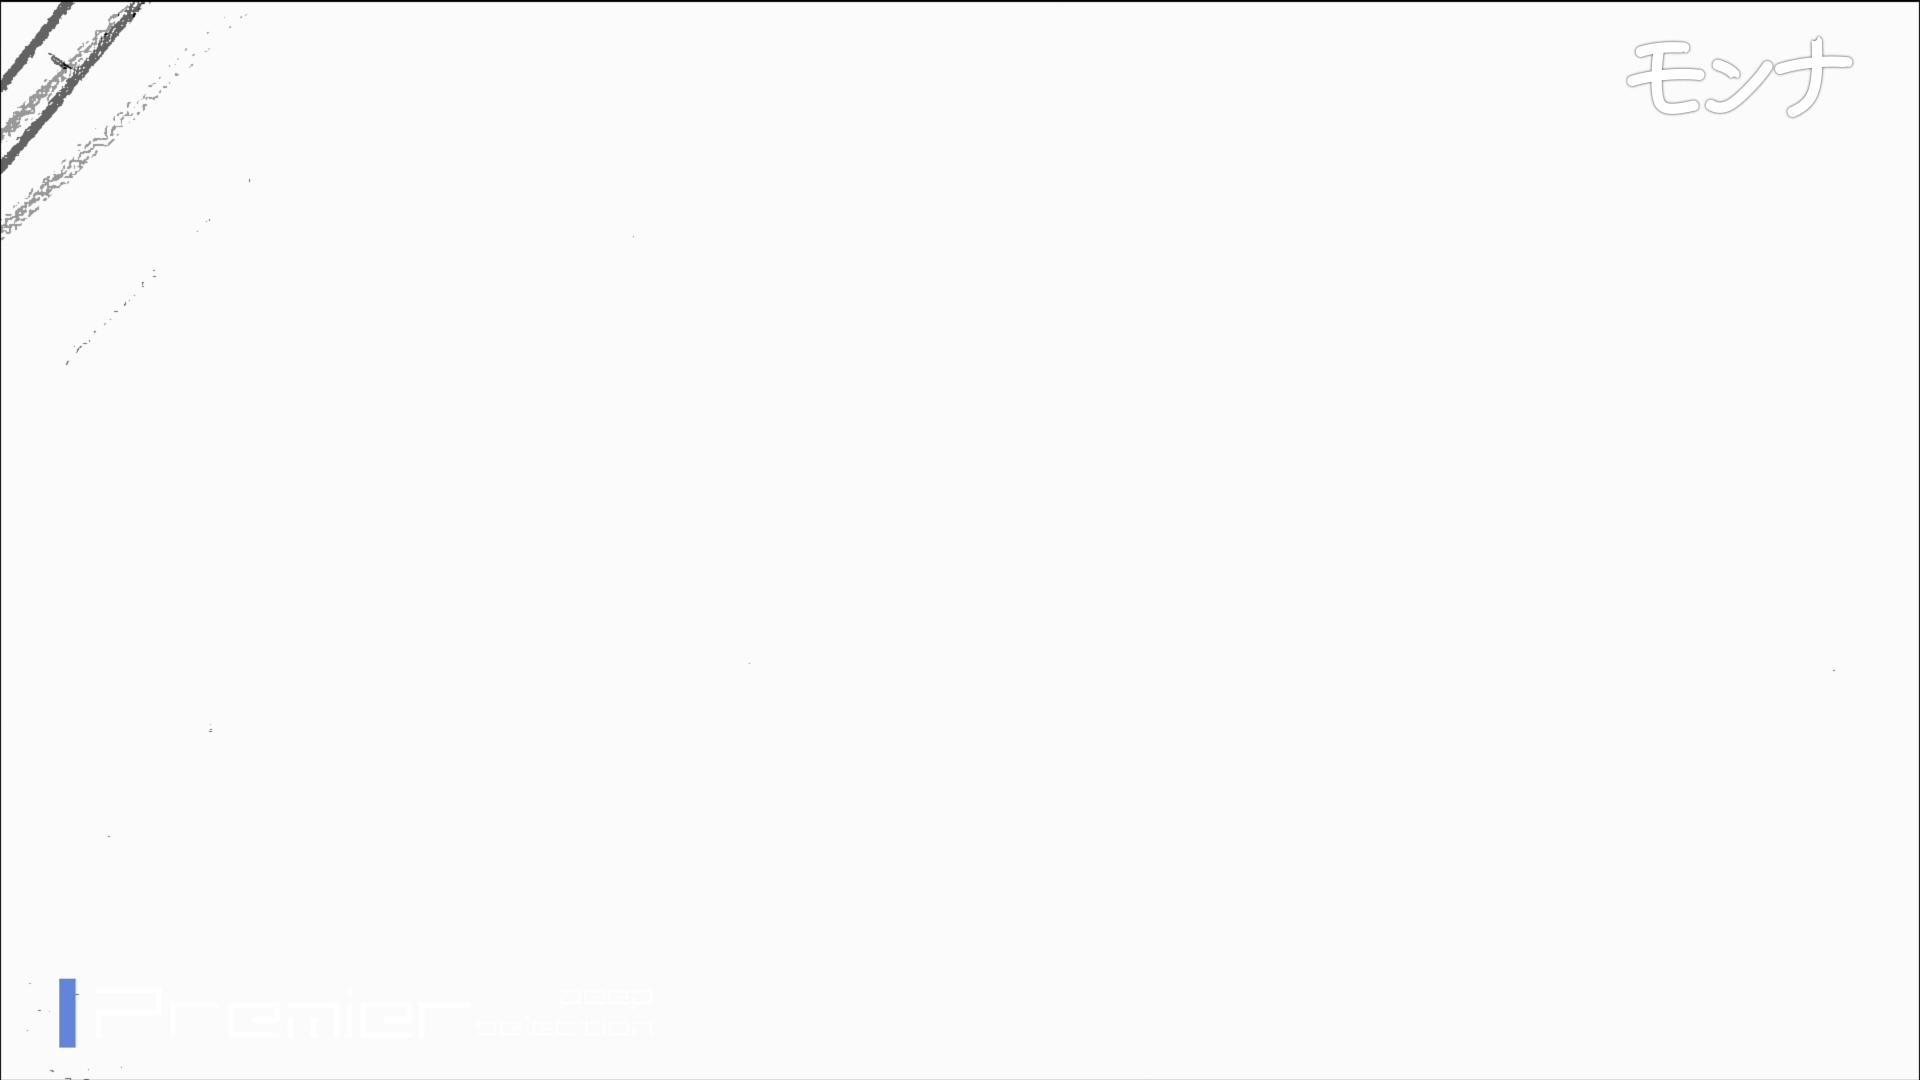 美しい日本の未来 No.91 高画質動画  63画像 50